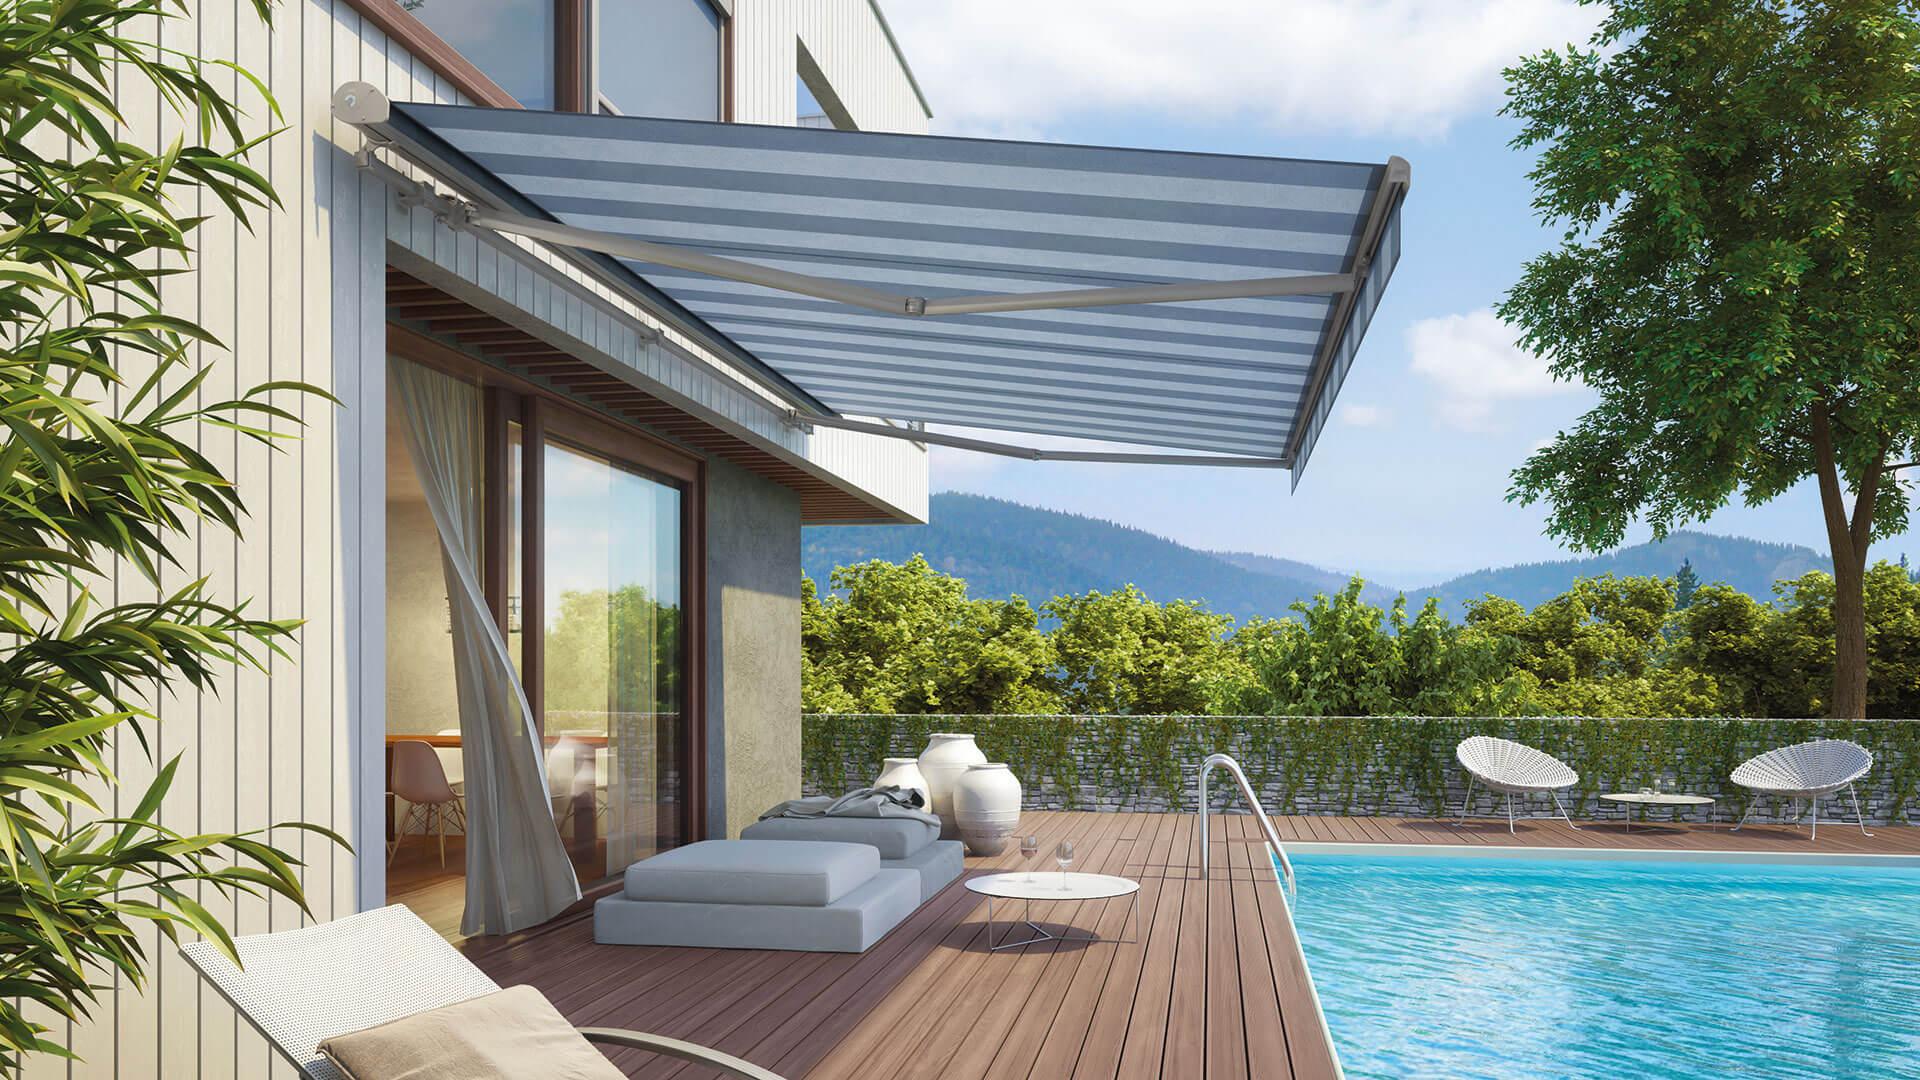 markise, aussenbeschattung, terrassenbeschattung, gelenkarmmarkise, bremetal, premiummarkise, markisenstoff, sonnenschutz